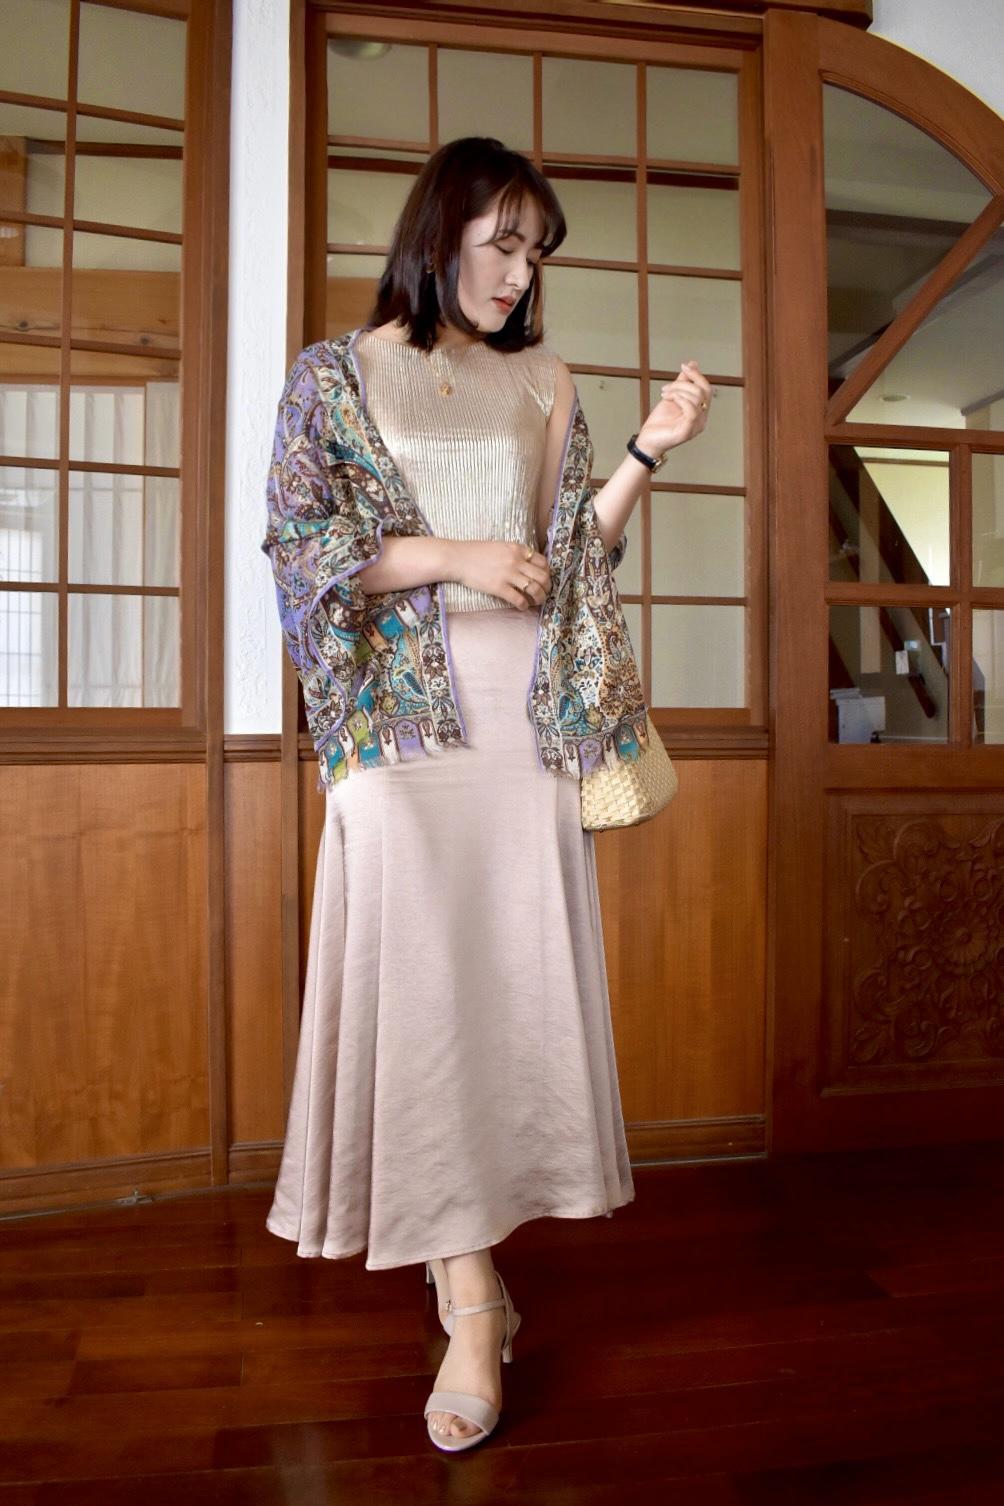 Tops: vintage (HAIGHT&ASUBURY) Shawl:ETRO Skirt:anuans Bag:vintage Sandal:FURLA  先ほどのトップスをレディーに着回し。主役はETROのエキゾチックな柄が美しいショール。コンサバなイメージの強いブランド、anuansのサテンマーメイドスカートを敢えて古着と合わせ、個性的に仕上げたところがポイント。